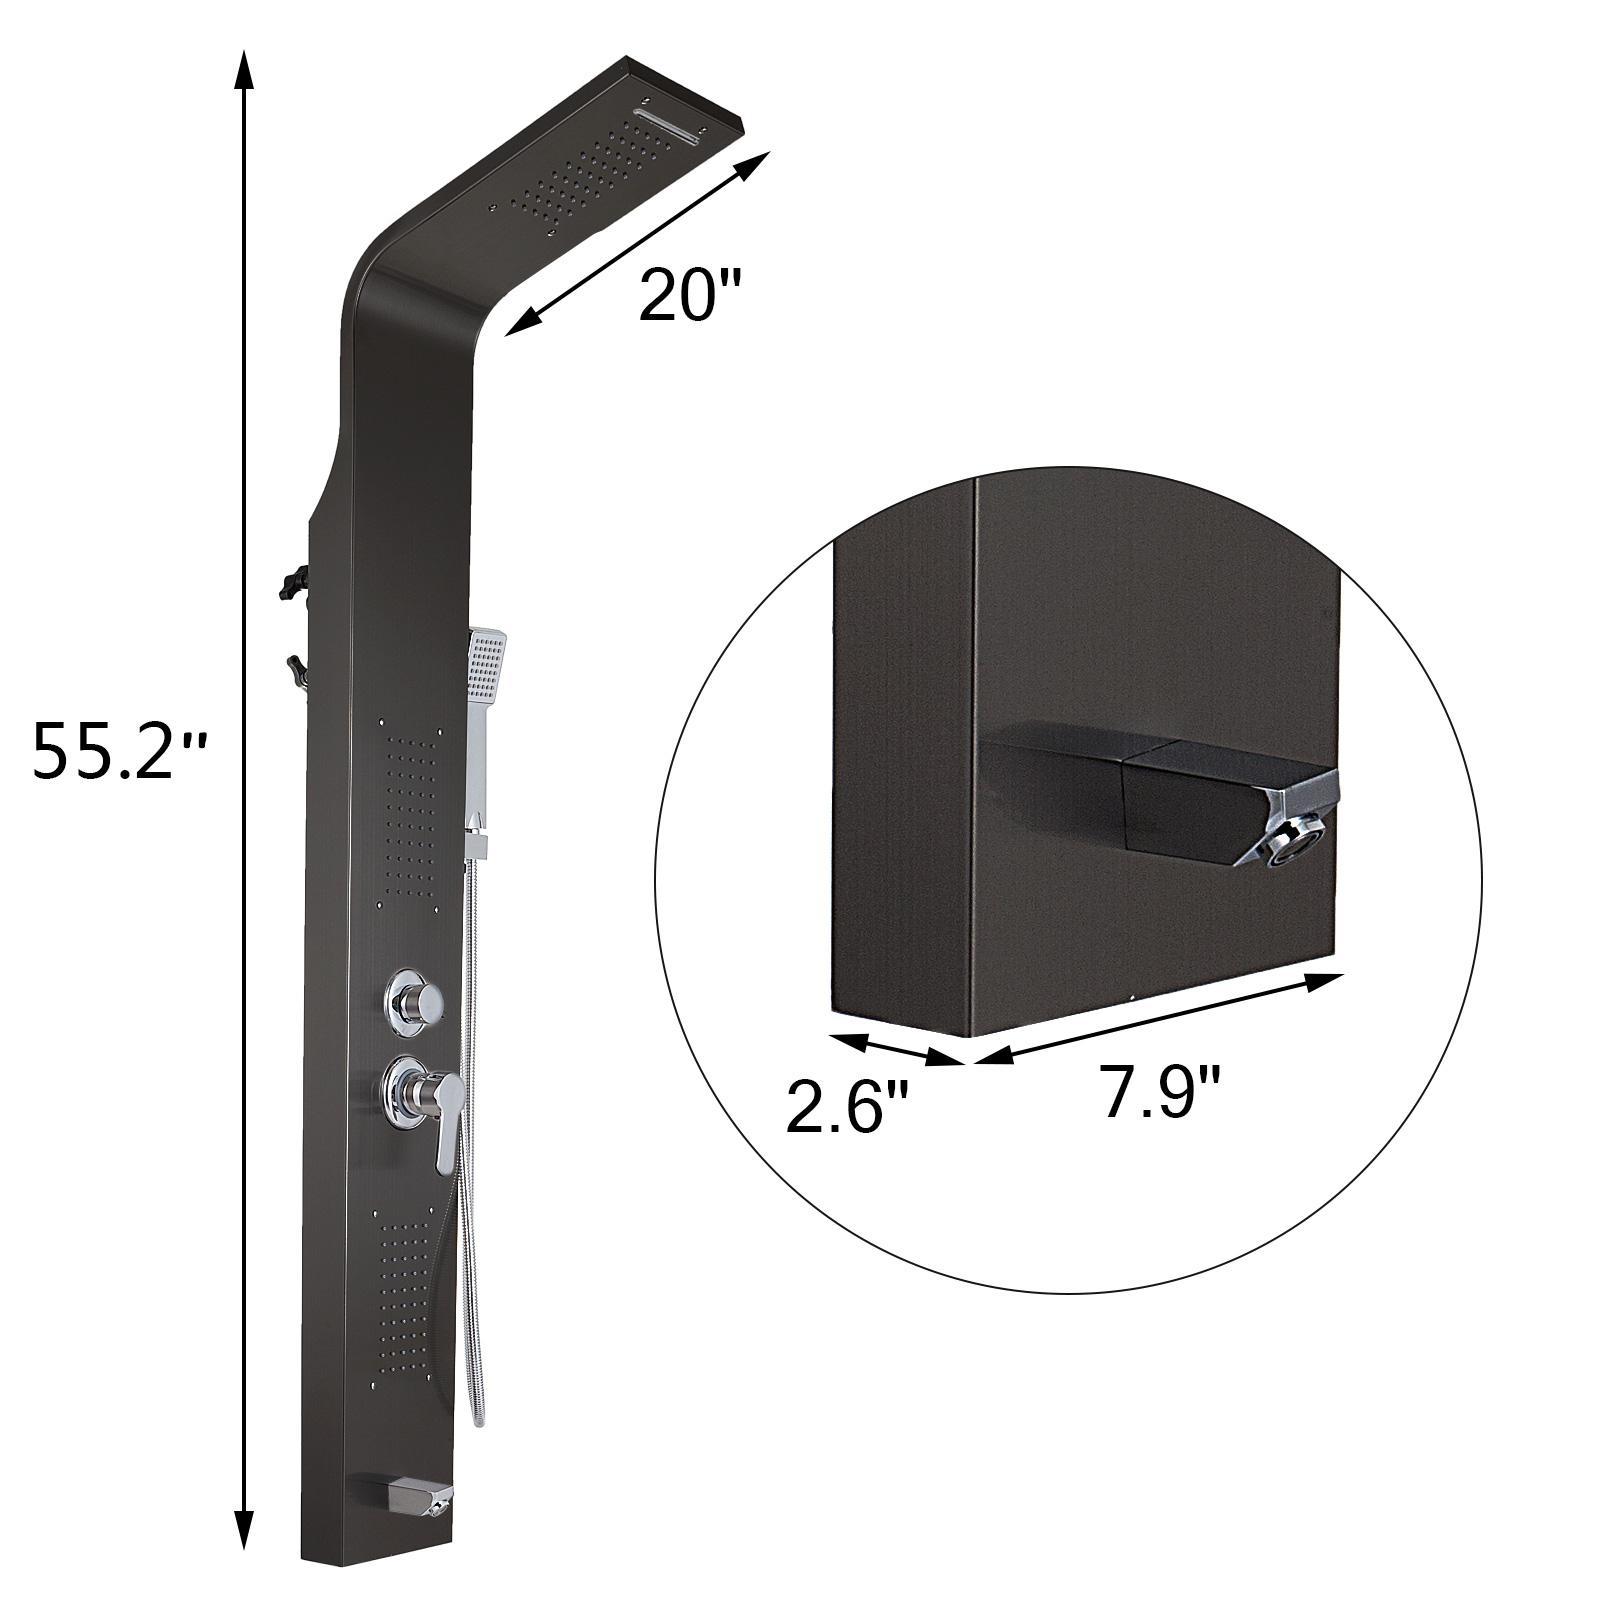 Pannello-doccia-idromassaggio-colonna-in-acciaio-inossidabile-con-miscelatore miniatura 50